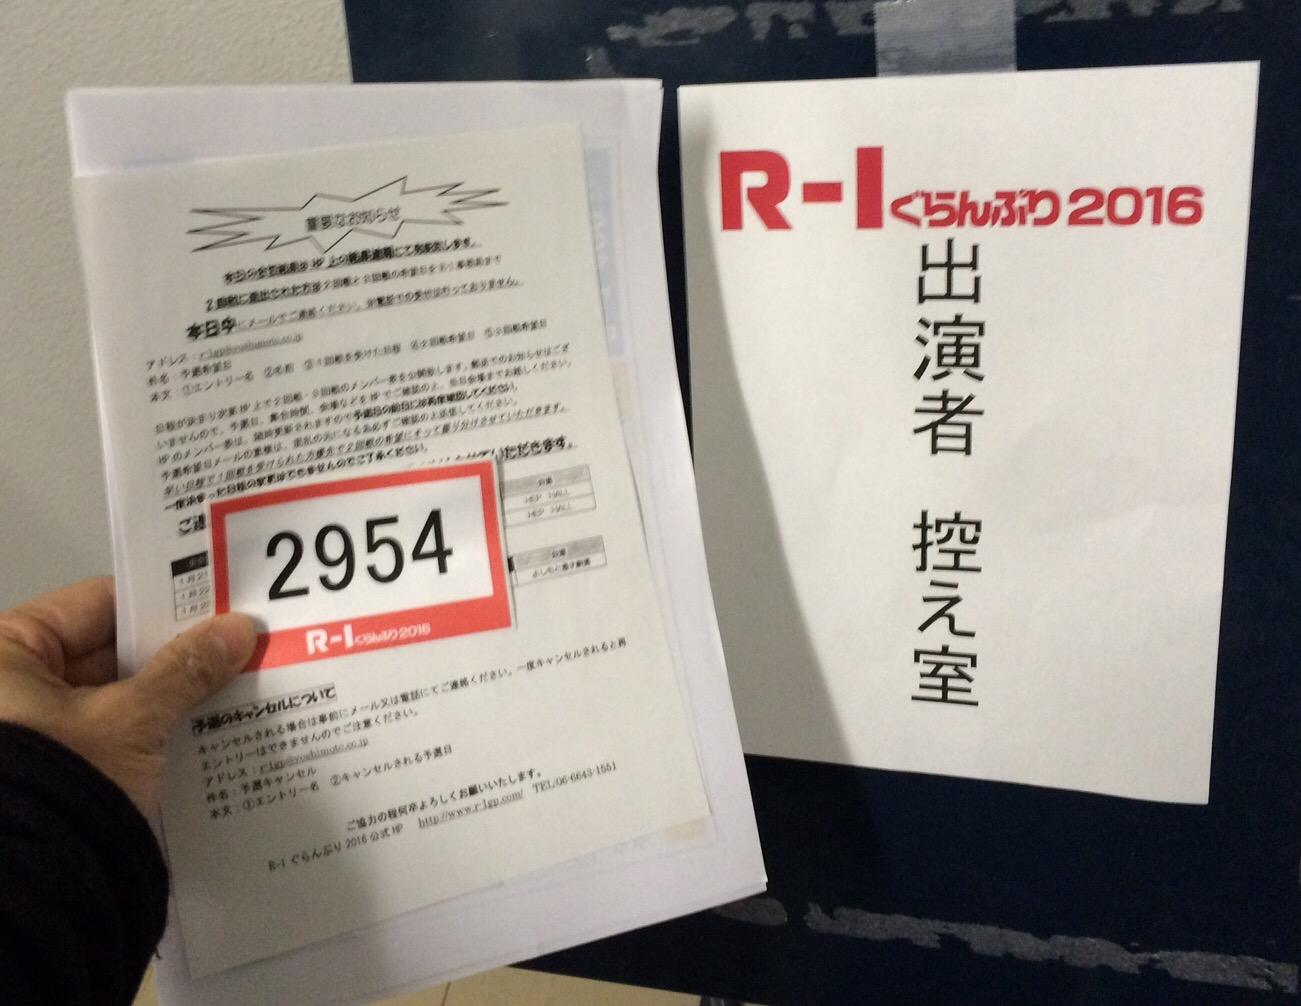 R-1ぐらんぷり2016 予選に出場してみた_c0217853_1495811.jpg